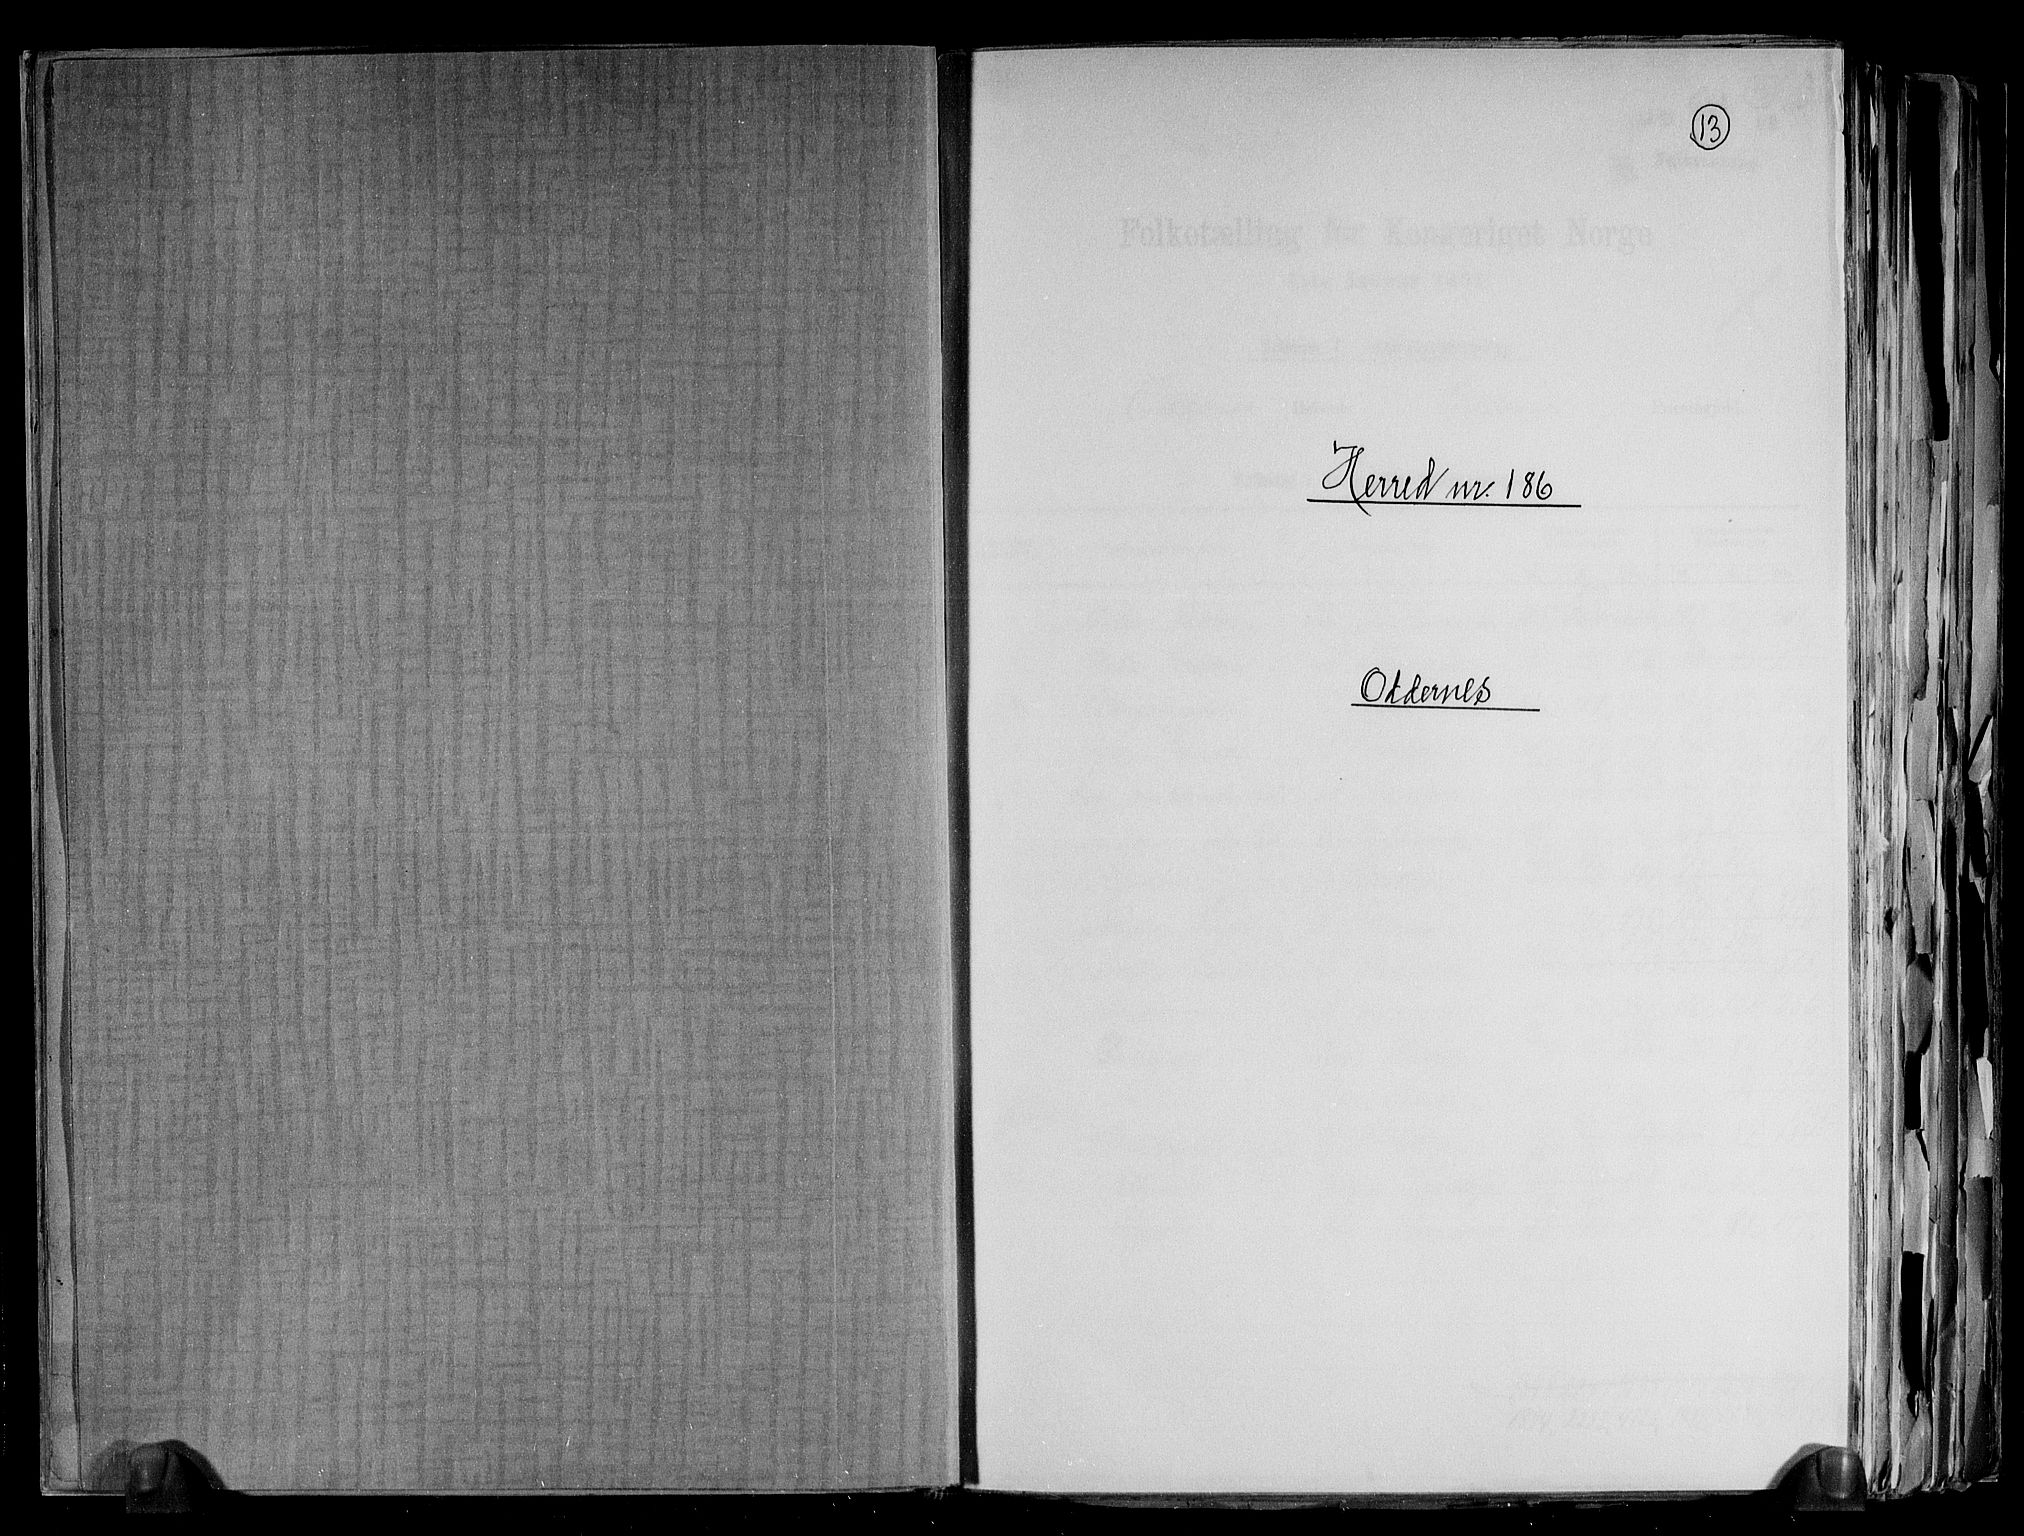 RA, Folketelling 1891 for 1012 Oddernes herred, 1891, s. 1